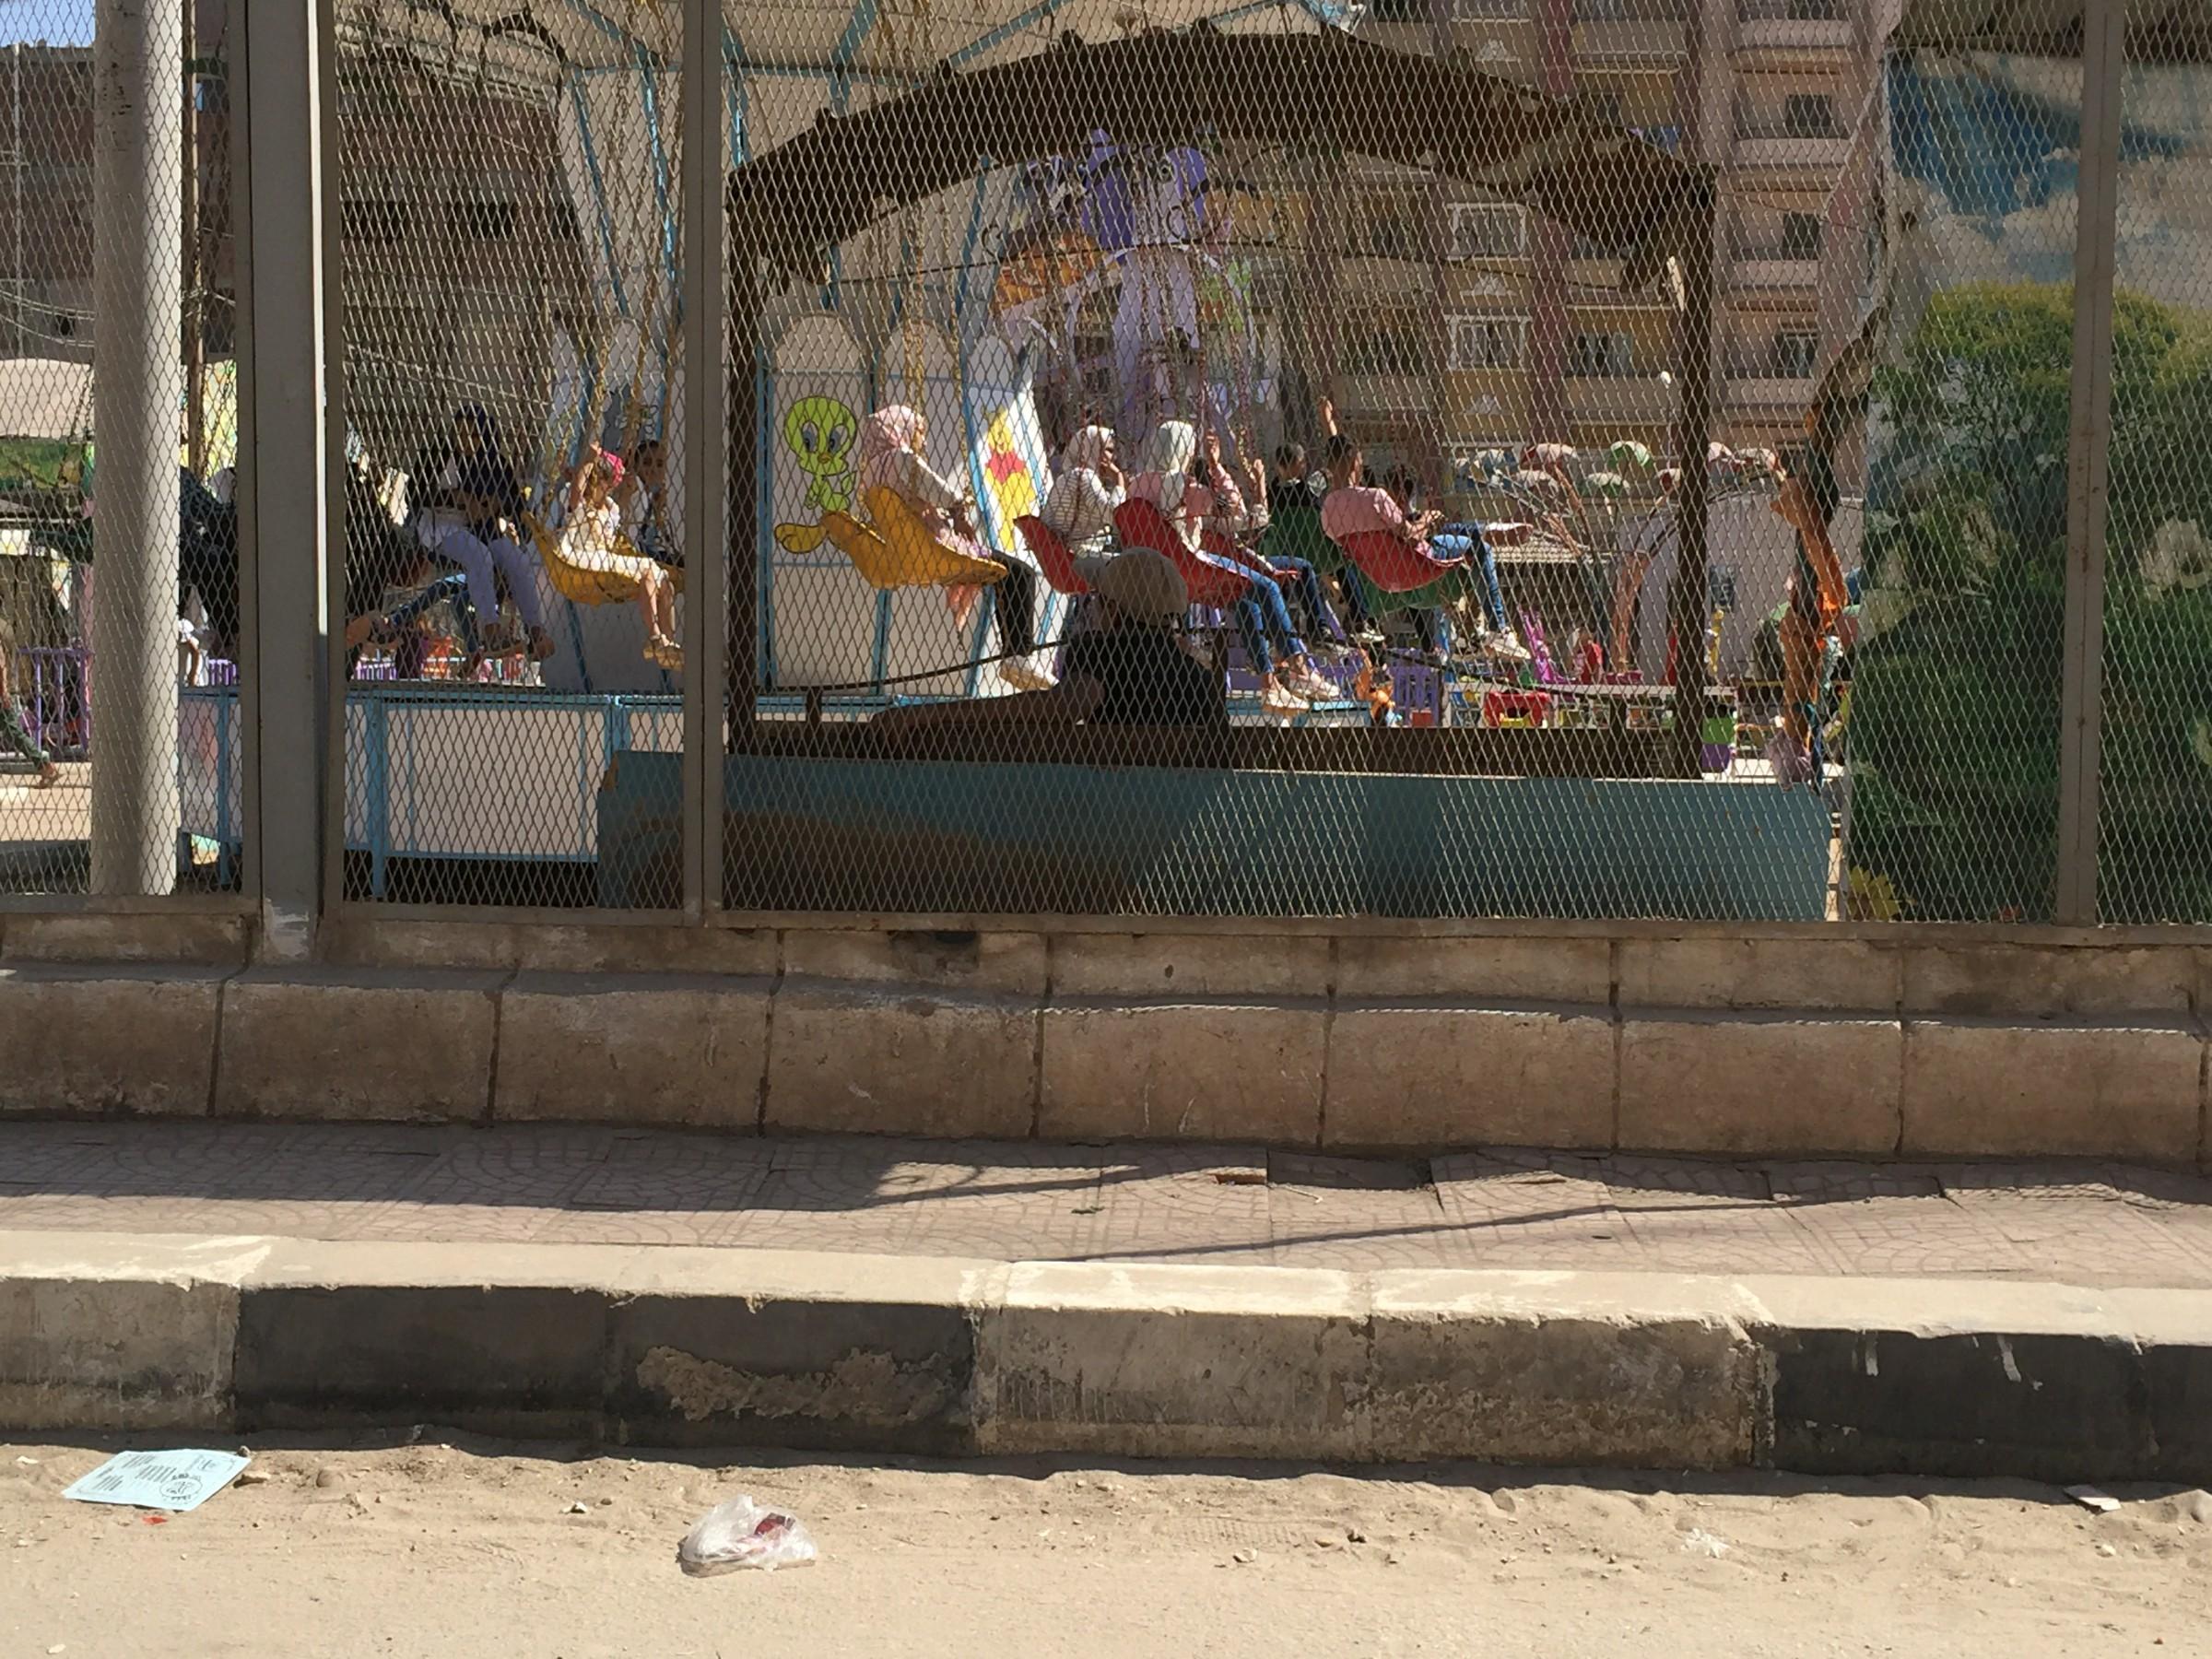 إقبال كبير على الحدائق والمتنزهات فى أول أيام عيد الأضحى بالغربية (2)